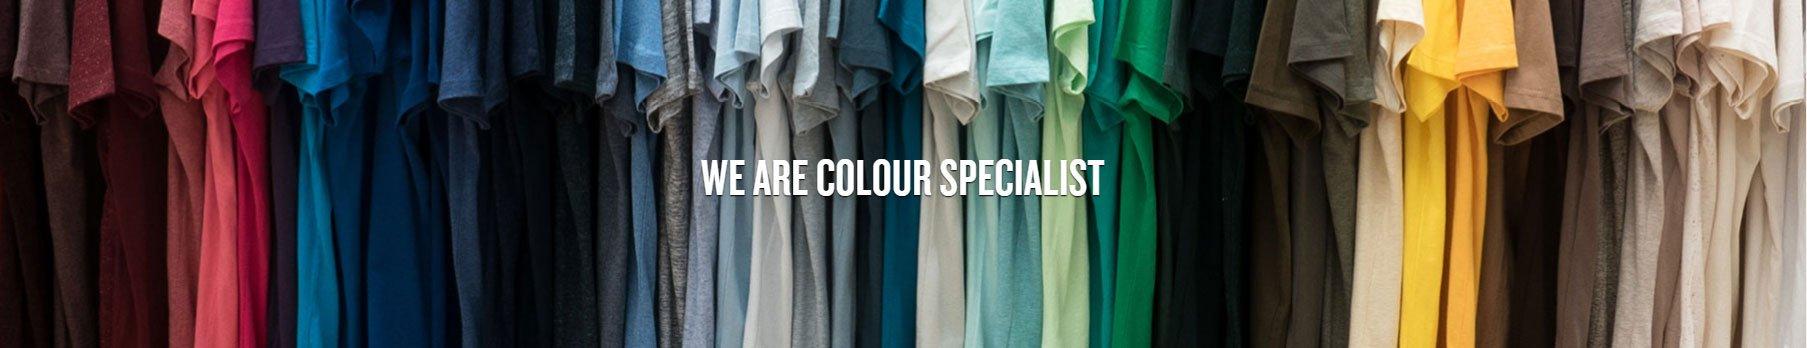 Wir sind Farbspezialist